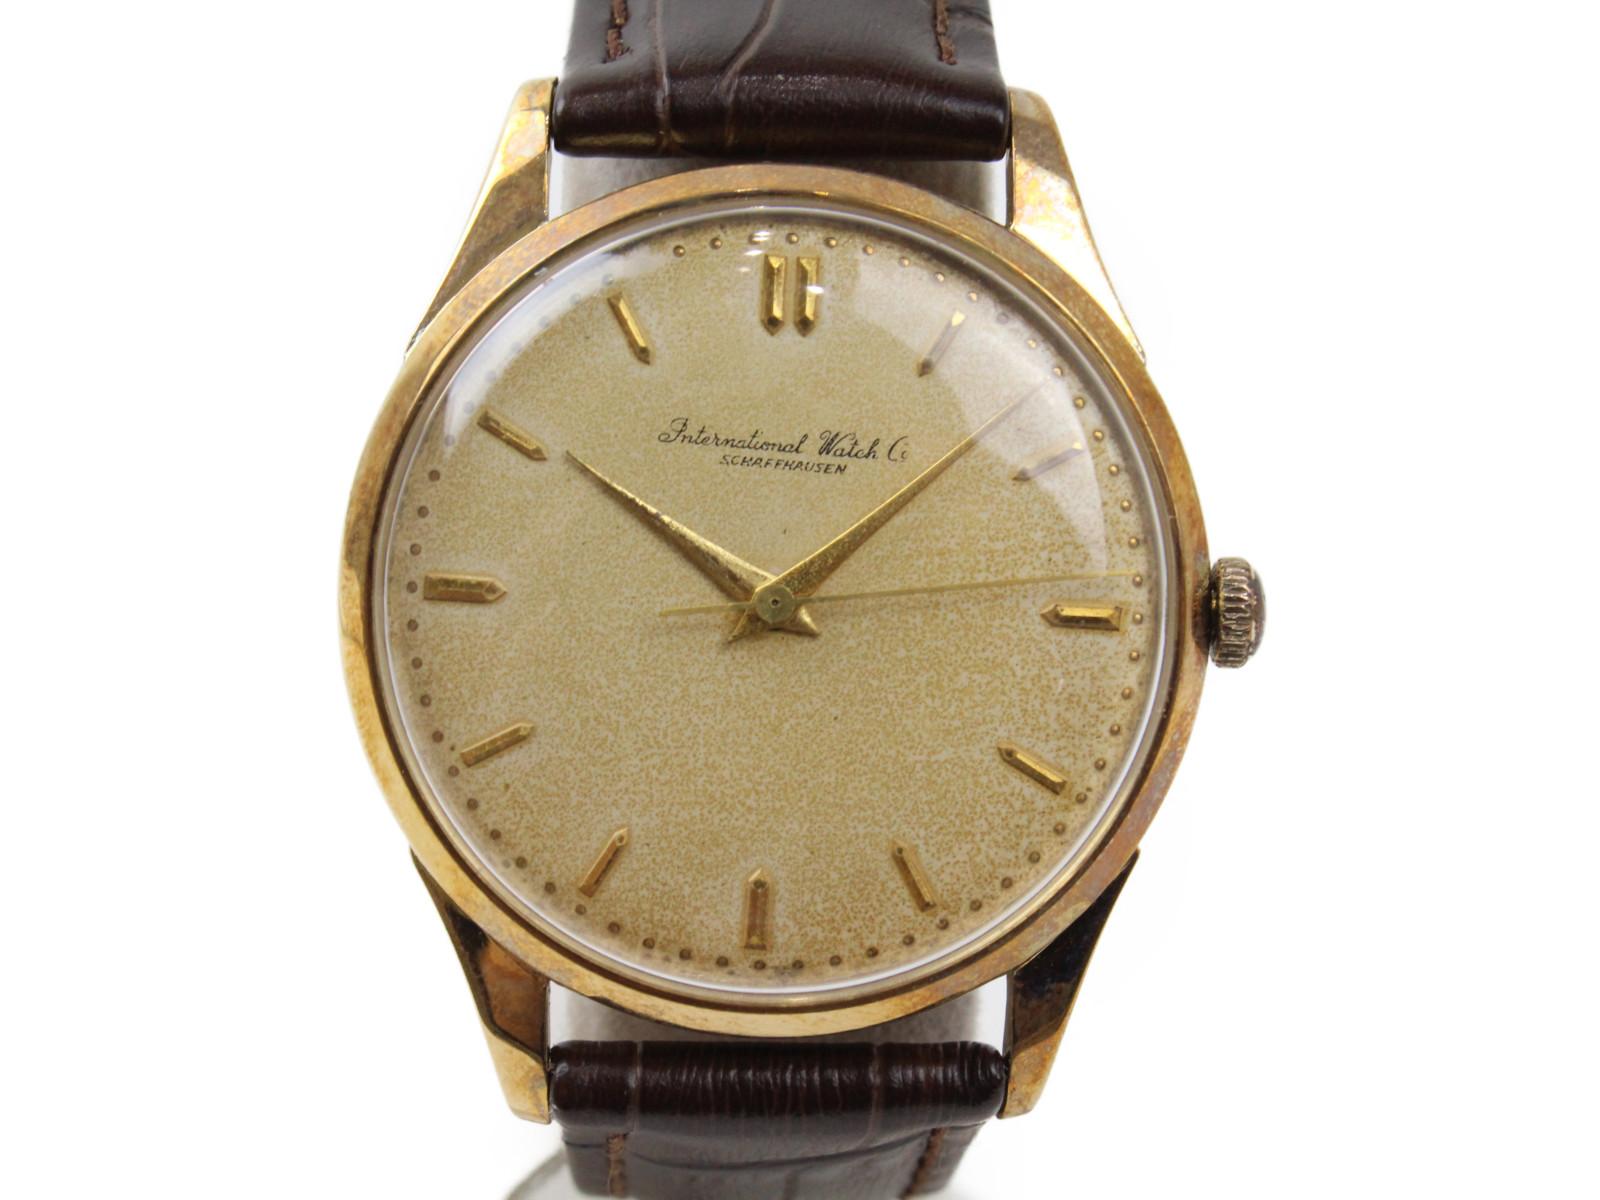 【アンティーク】IWC アイダブルシー シャフハウゼン 手巻き K18 イエローゴールド 革ベルト メンズ 腕時計【中古】